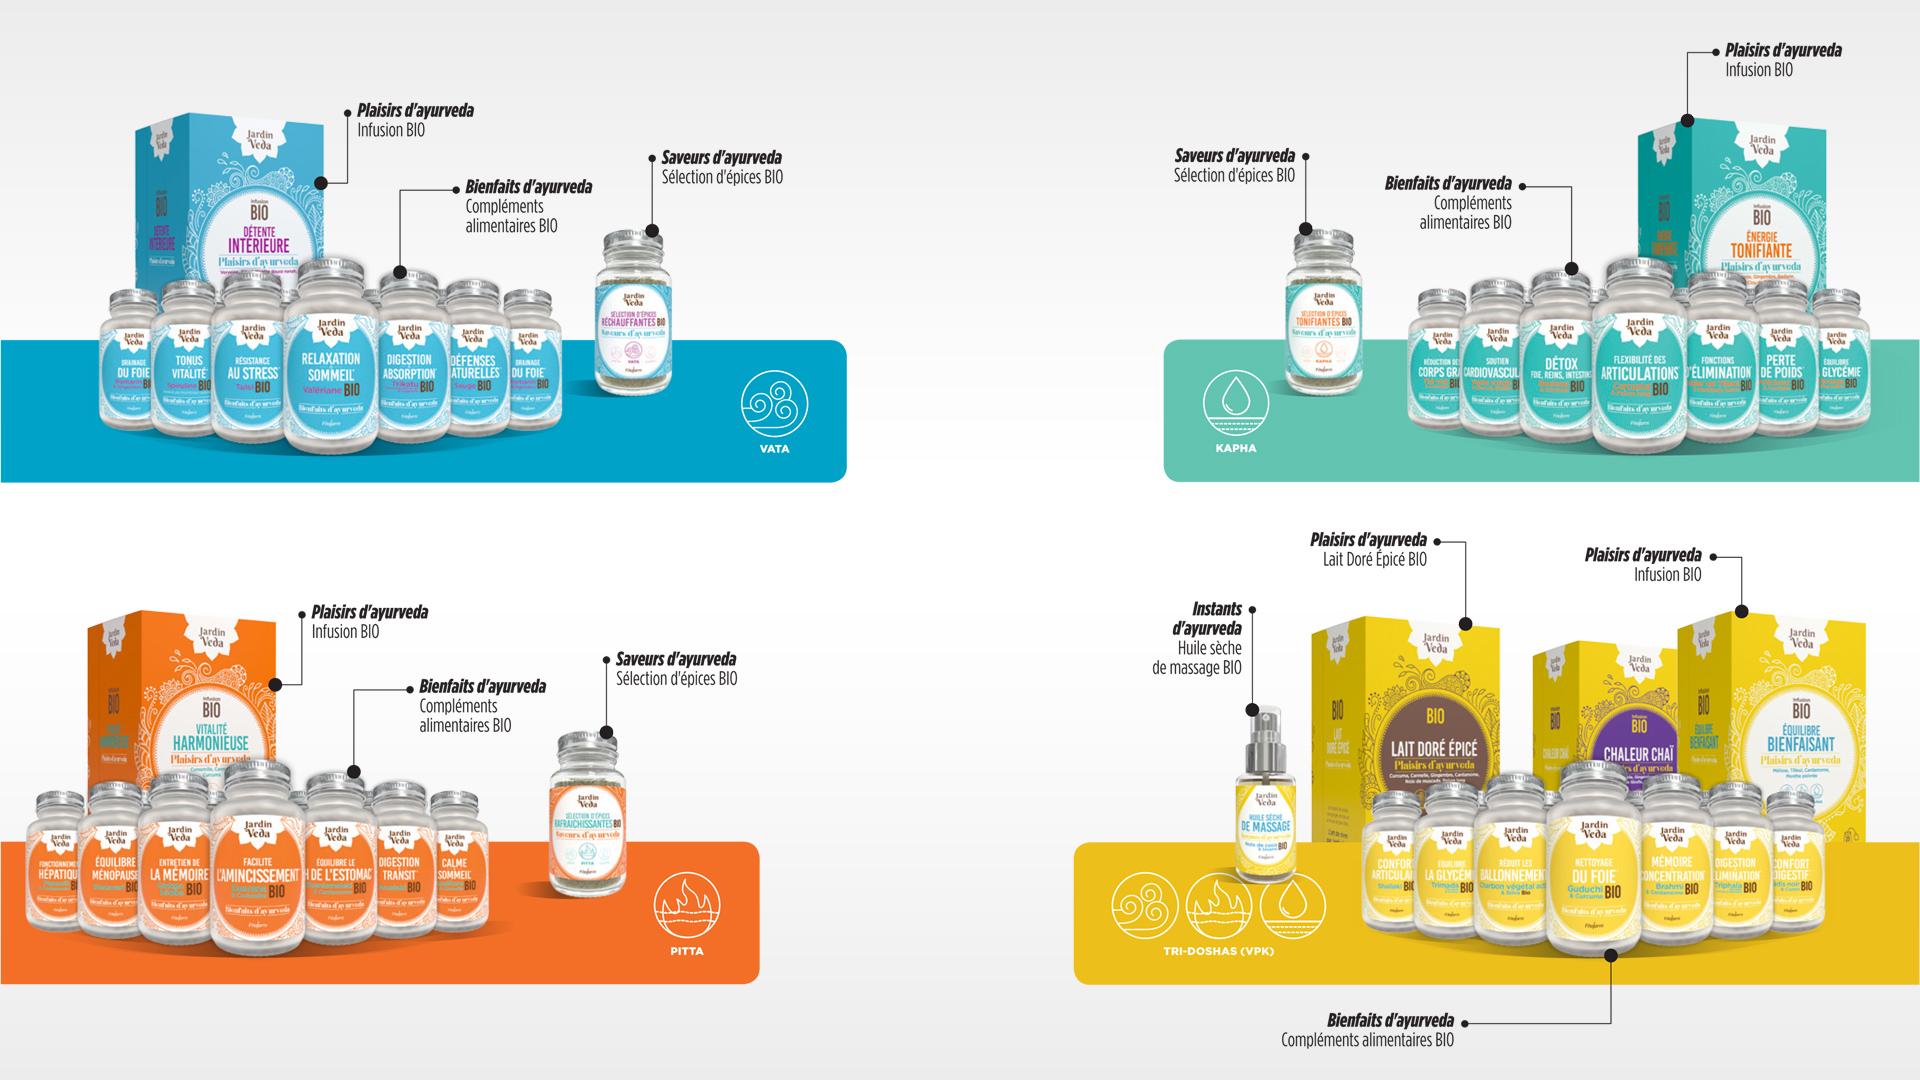 L'essentiel des packaging de la nouvelle gamme Jardin Veda de la marque Fitoform avec présentation de toutes les boites et étiquettes de produits